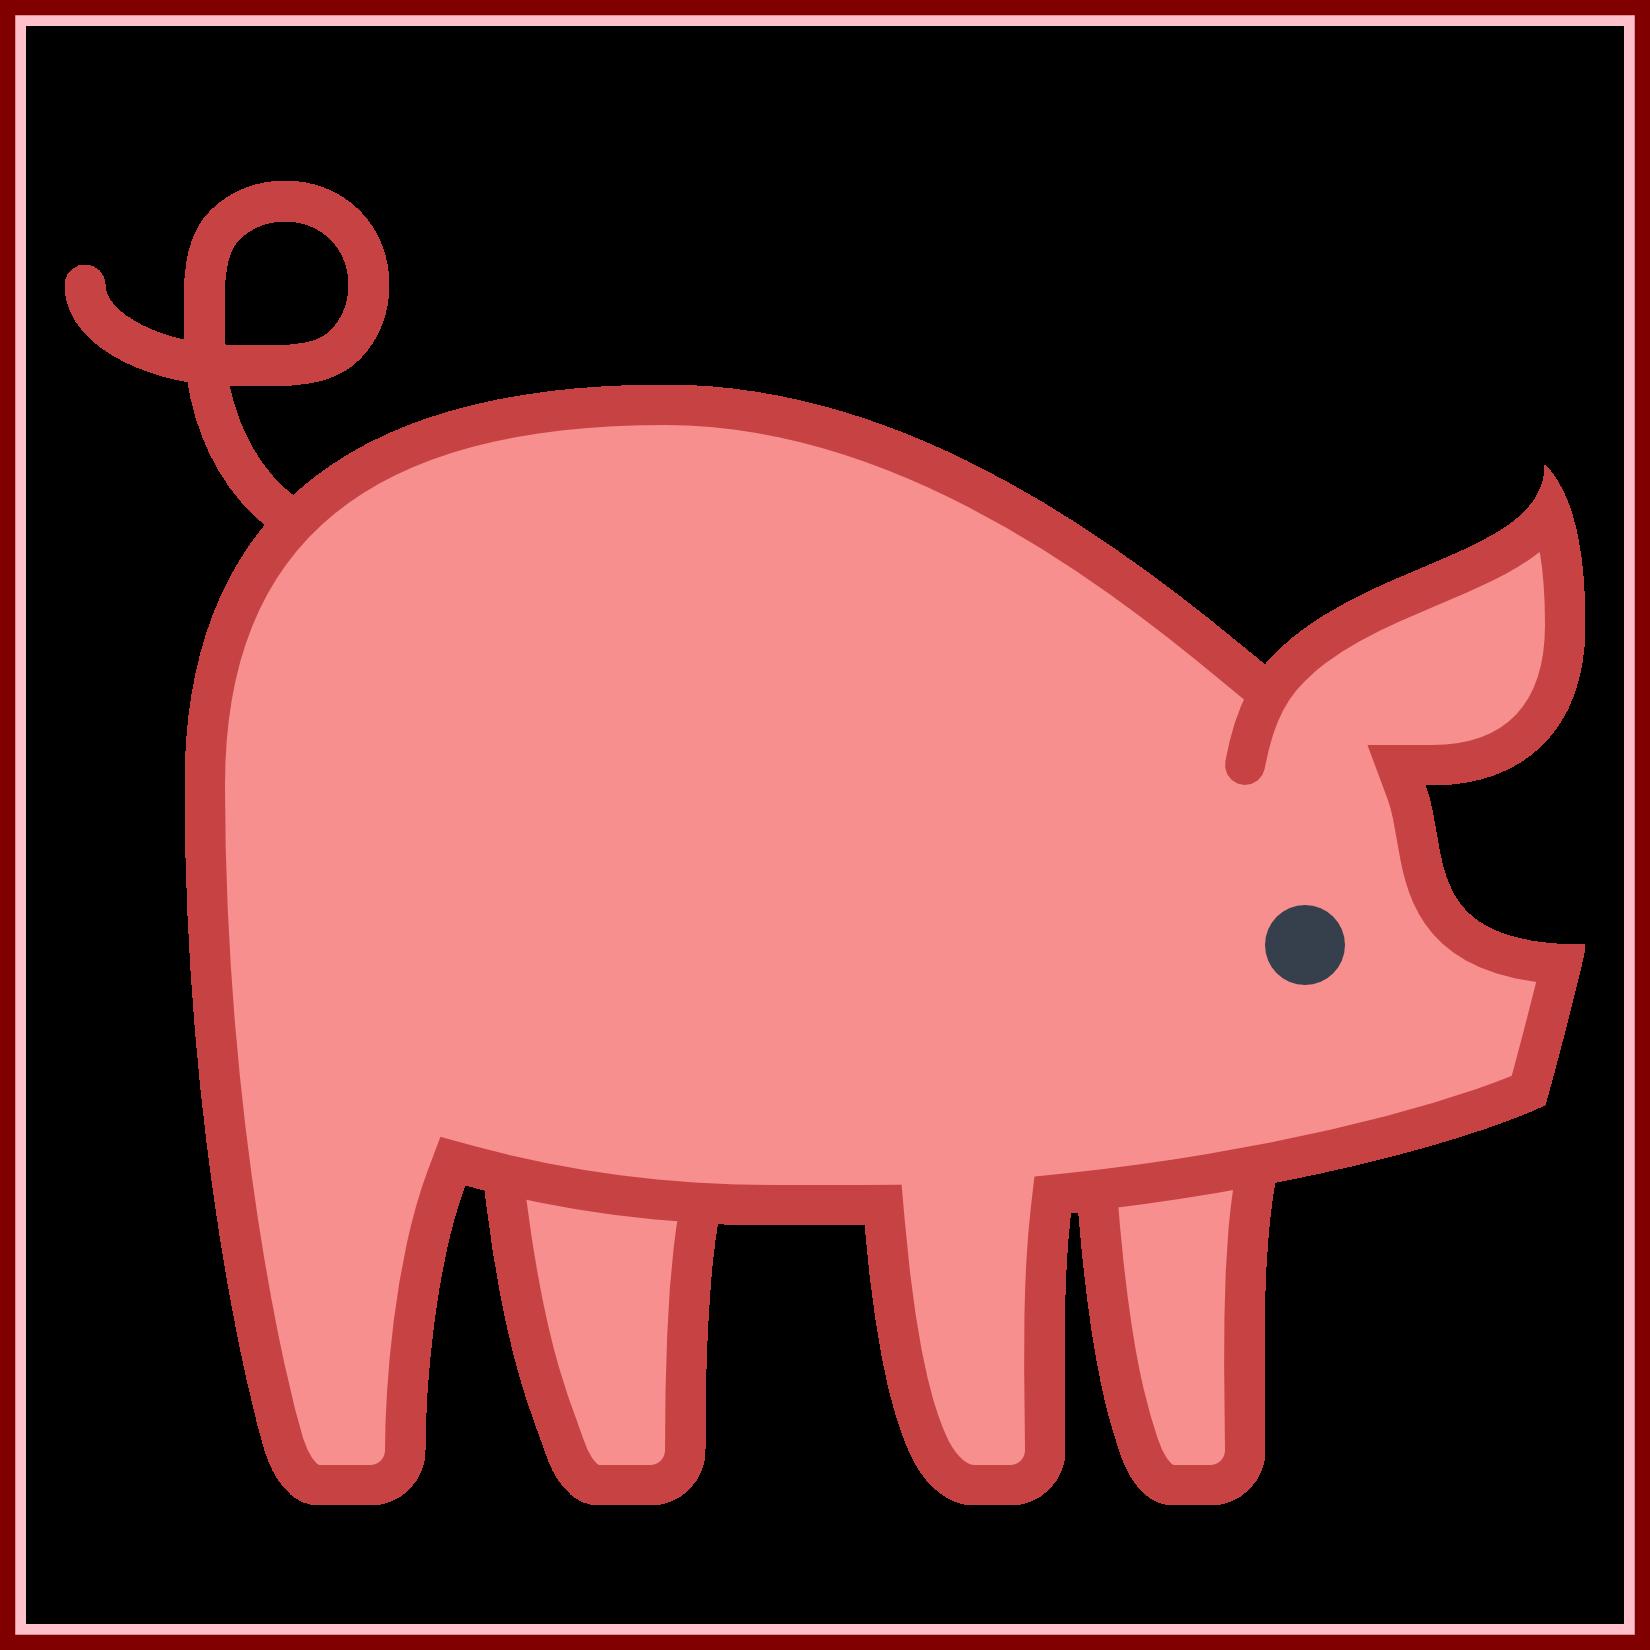 Fascinating piggy bank illustration. Clipart pig outline